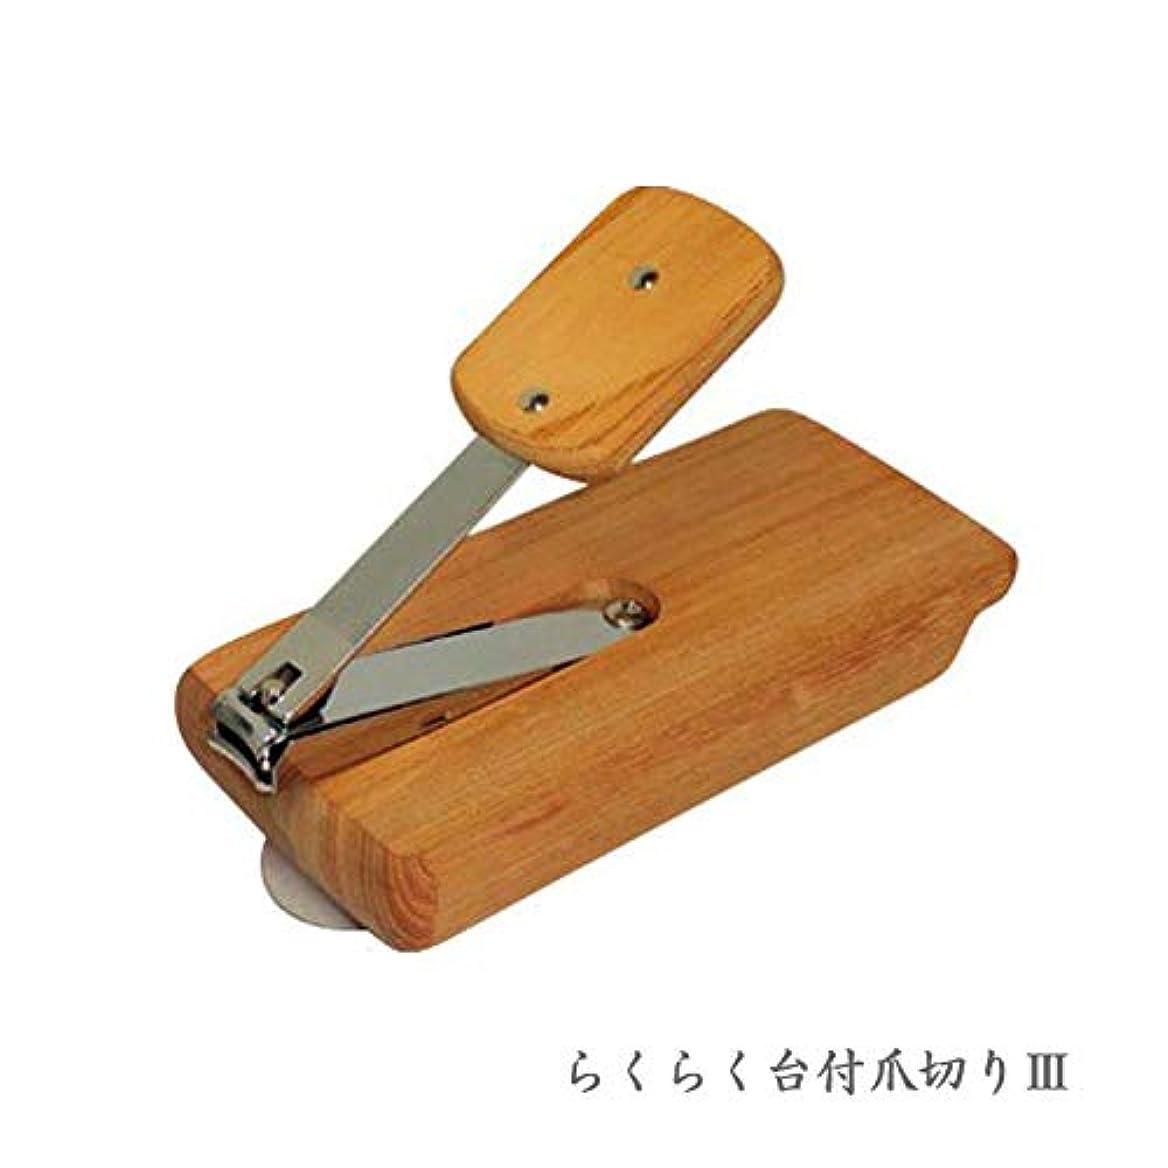 侵略想定くまらくらく台付爪切り3 ウカイ利器 爪切り